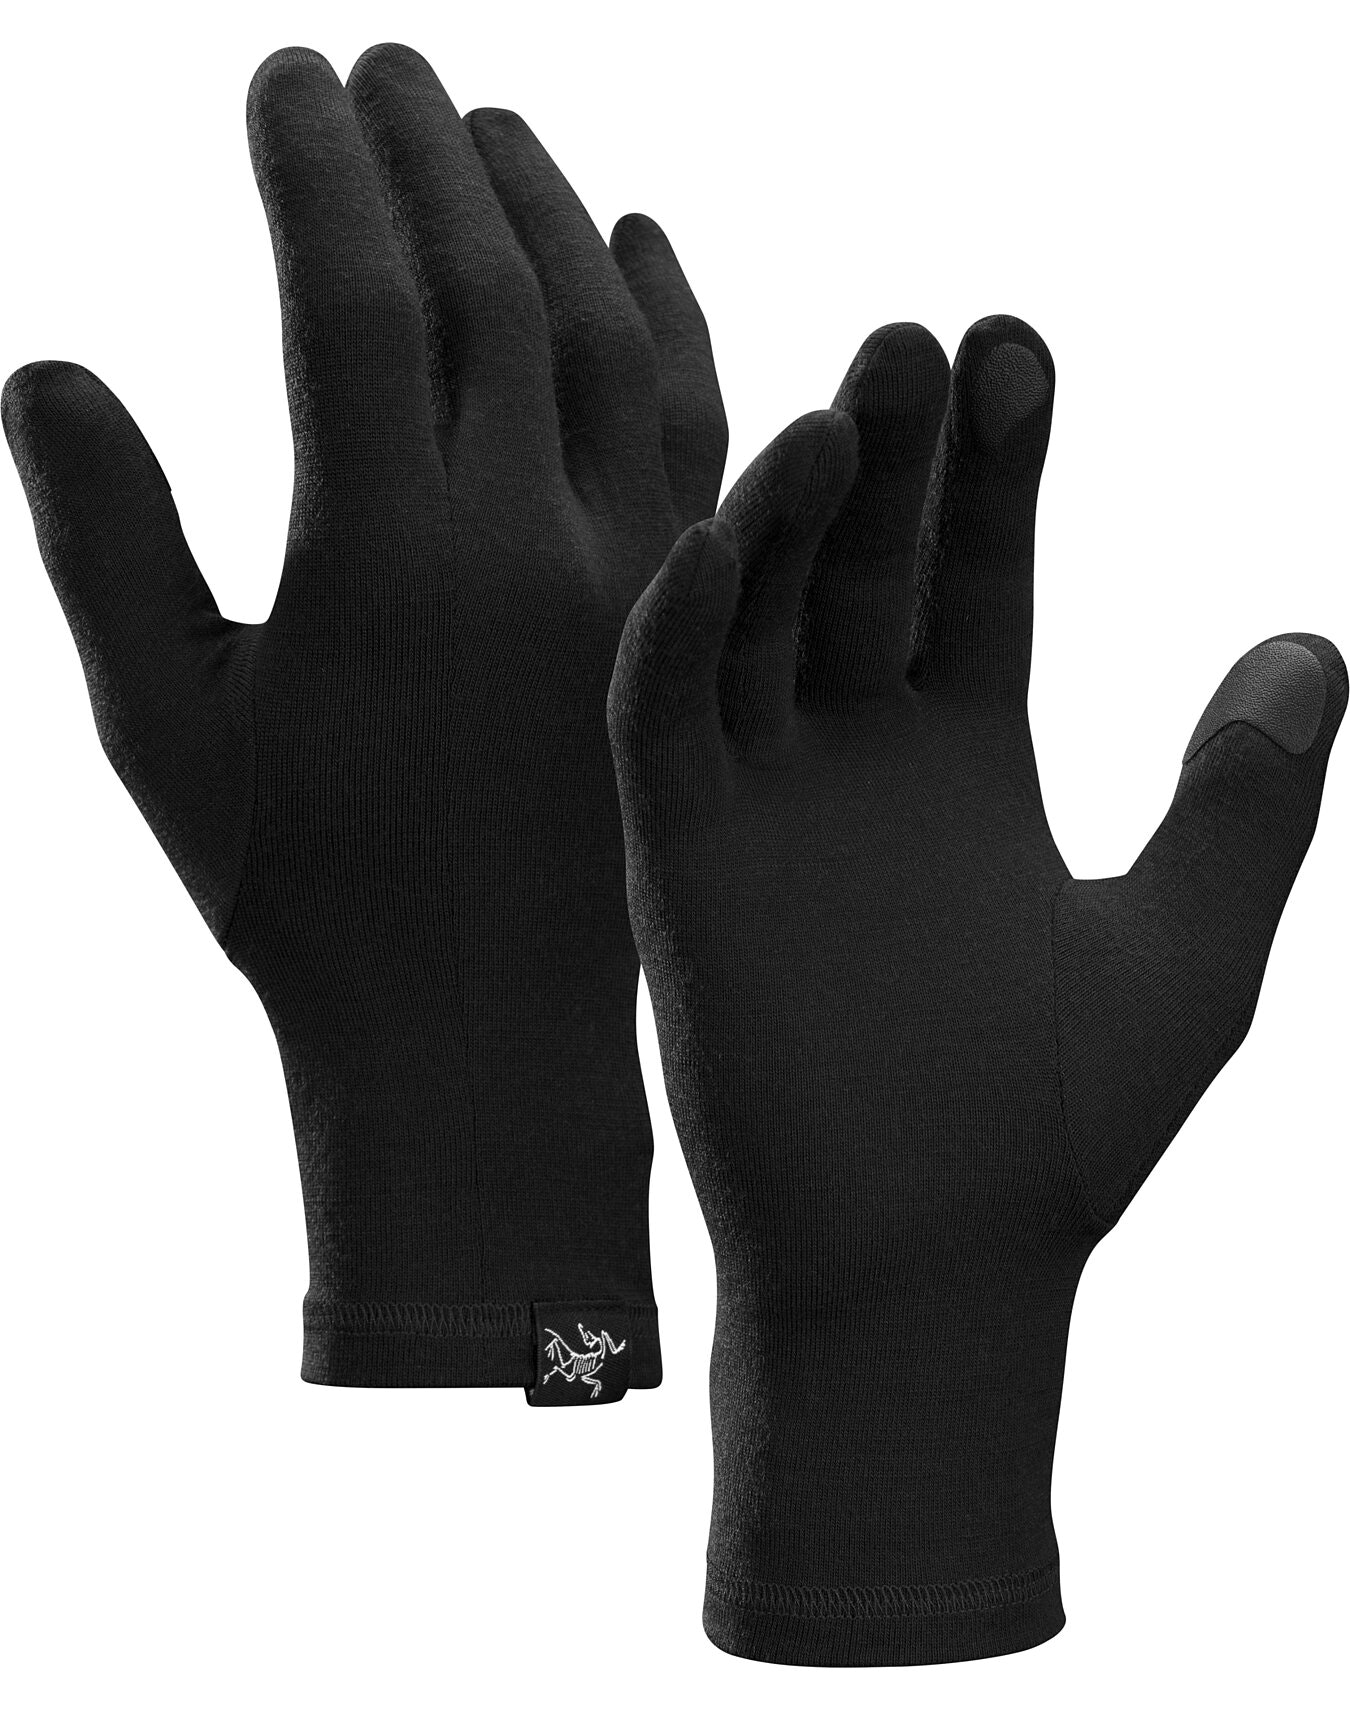 Gothic Glove Black